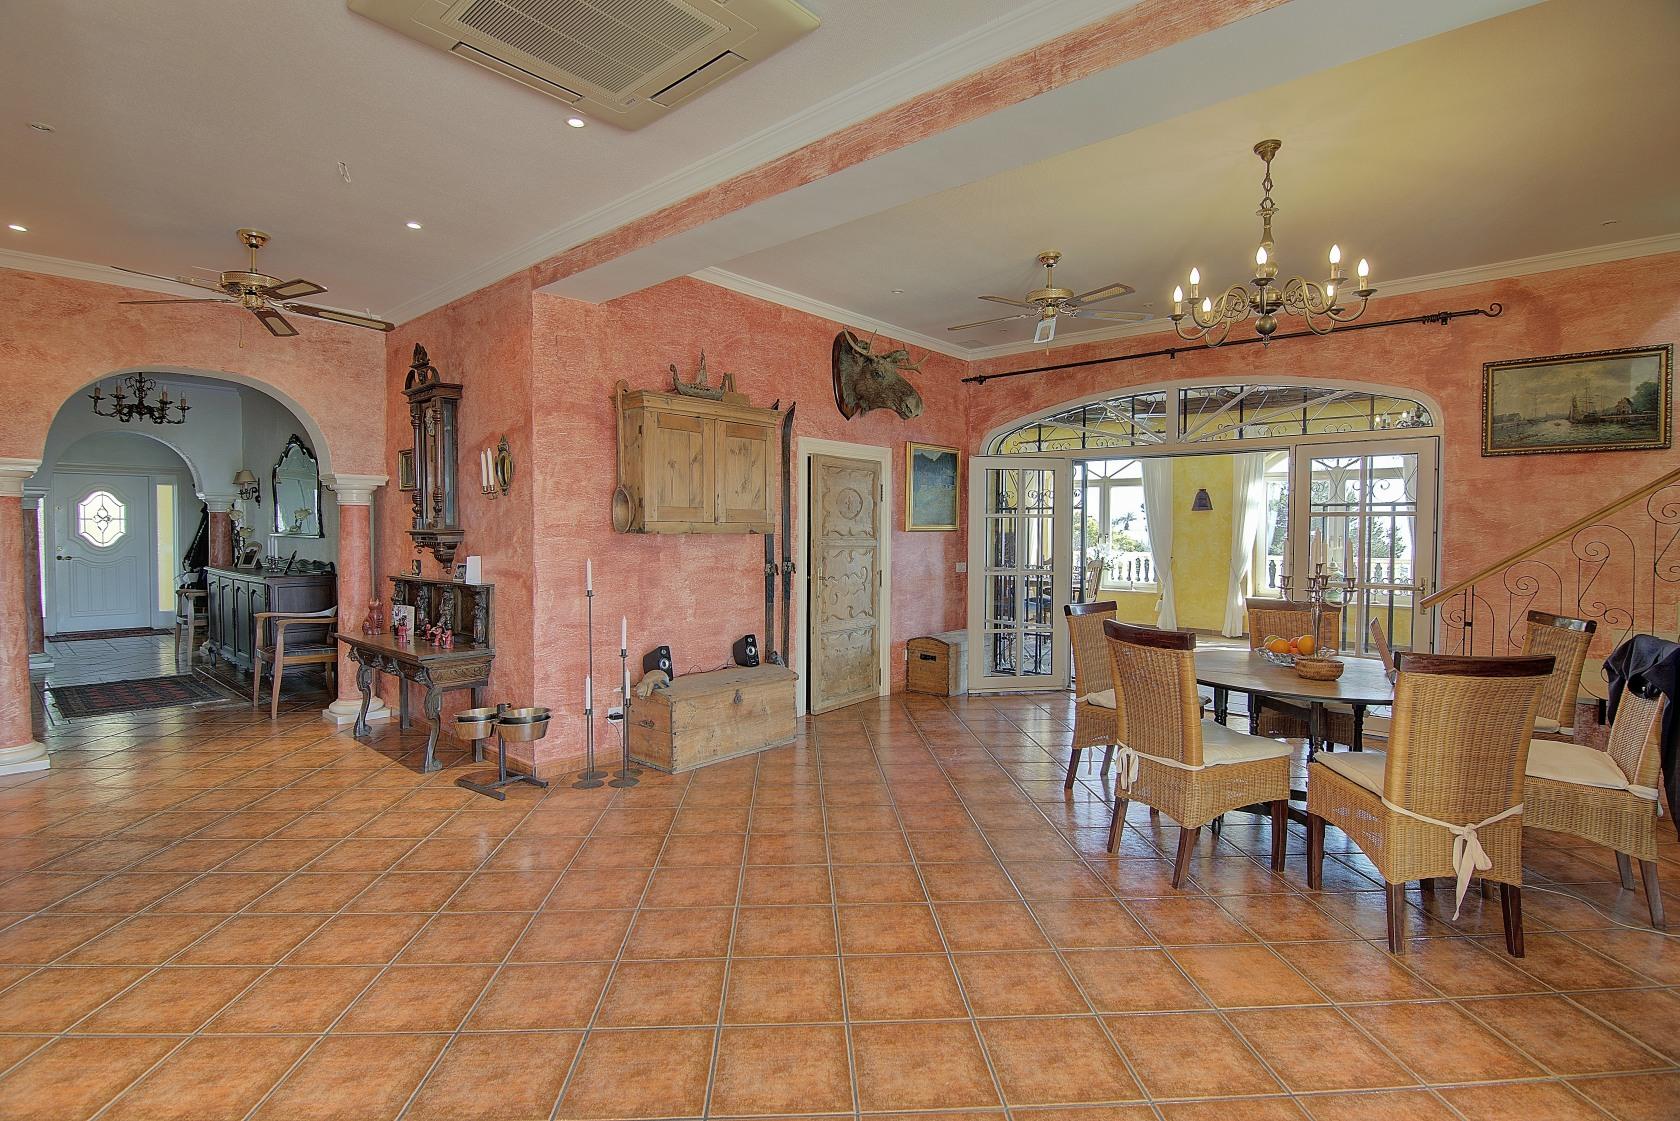 Купить дом за криптовалюту в Fujairah Аль-Батае nine west бренд